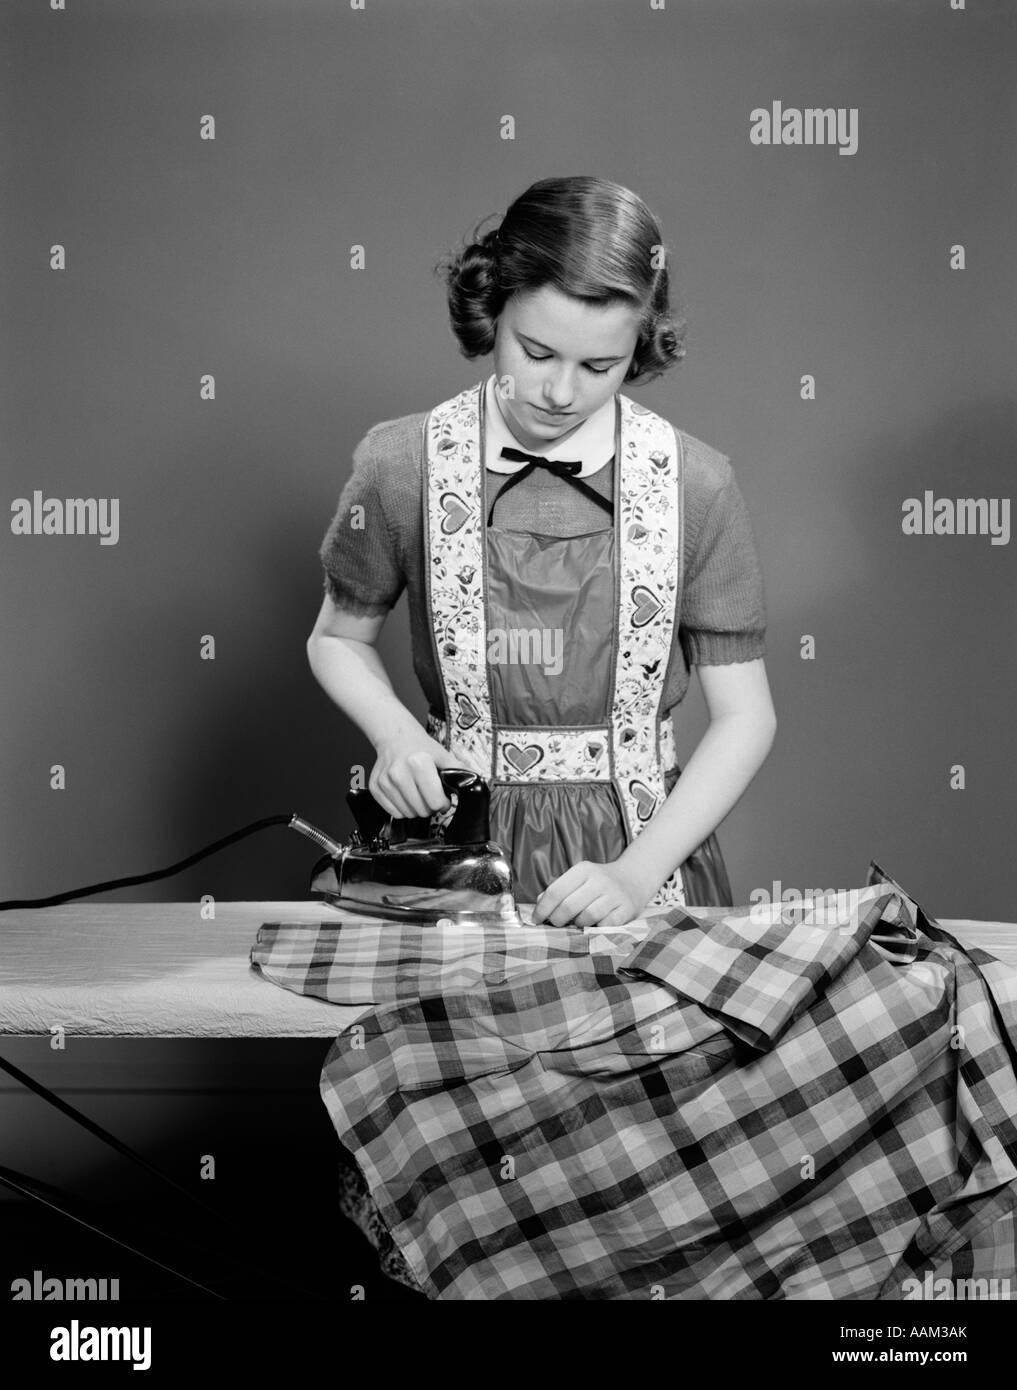 1950s Young Teen Girl Wearing Apron Ironing Shirt